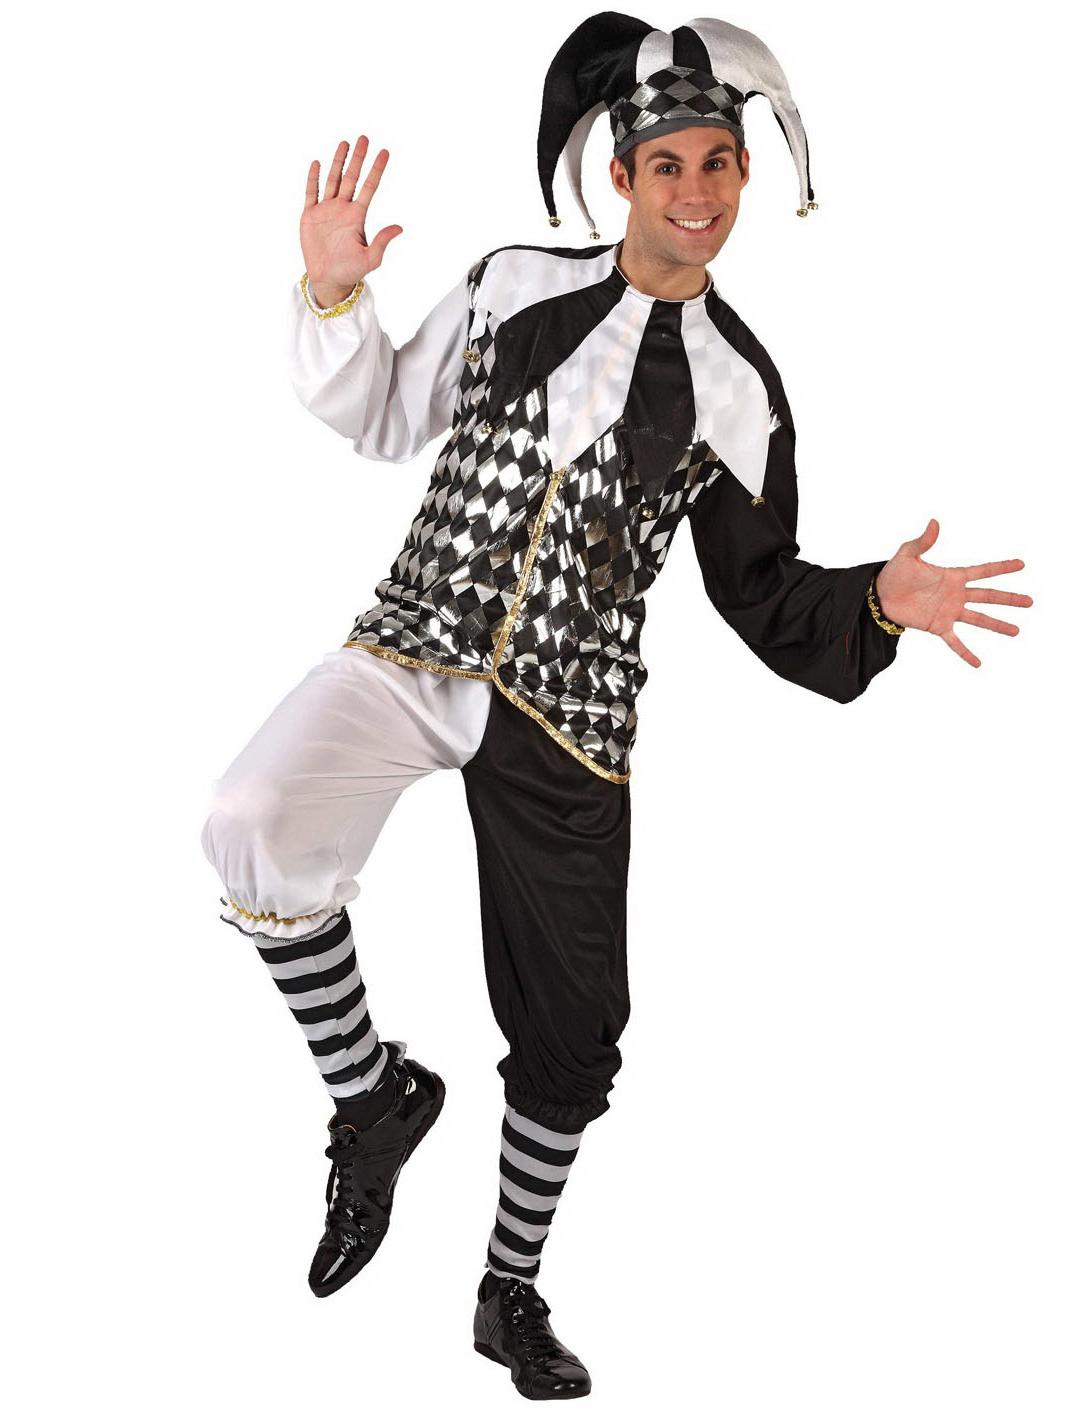 scarpe a buon mercato orologio pacchetto alla moda e attraente Costume di carnevale per adulto Arlecchino su VegaooParty, negozio di  articoli per feste